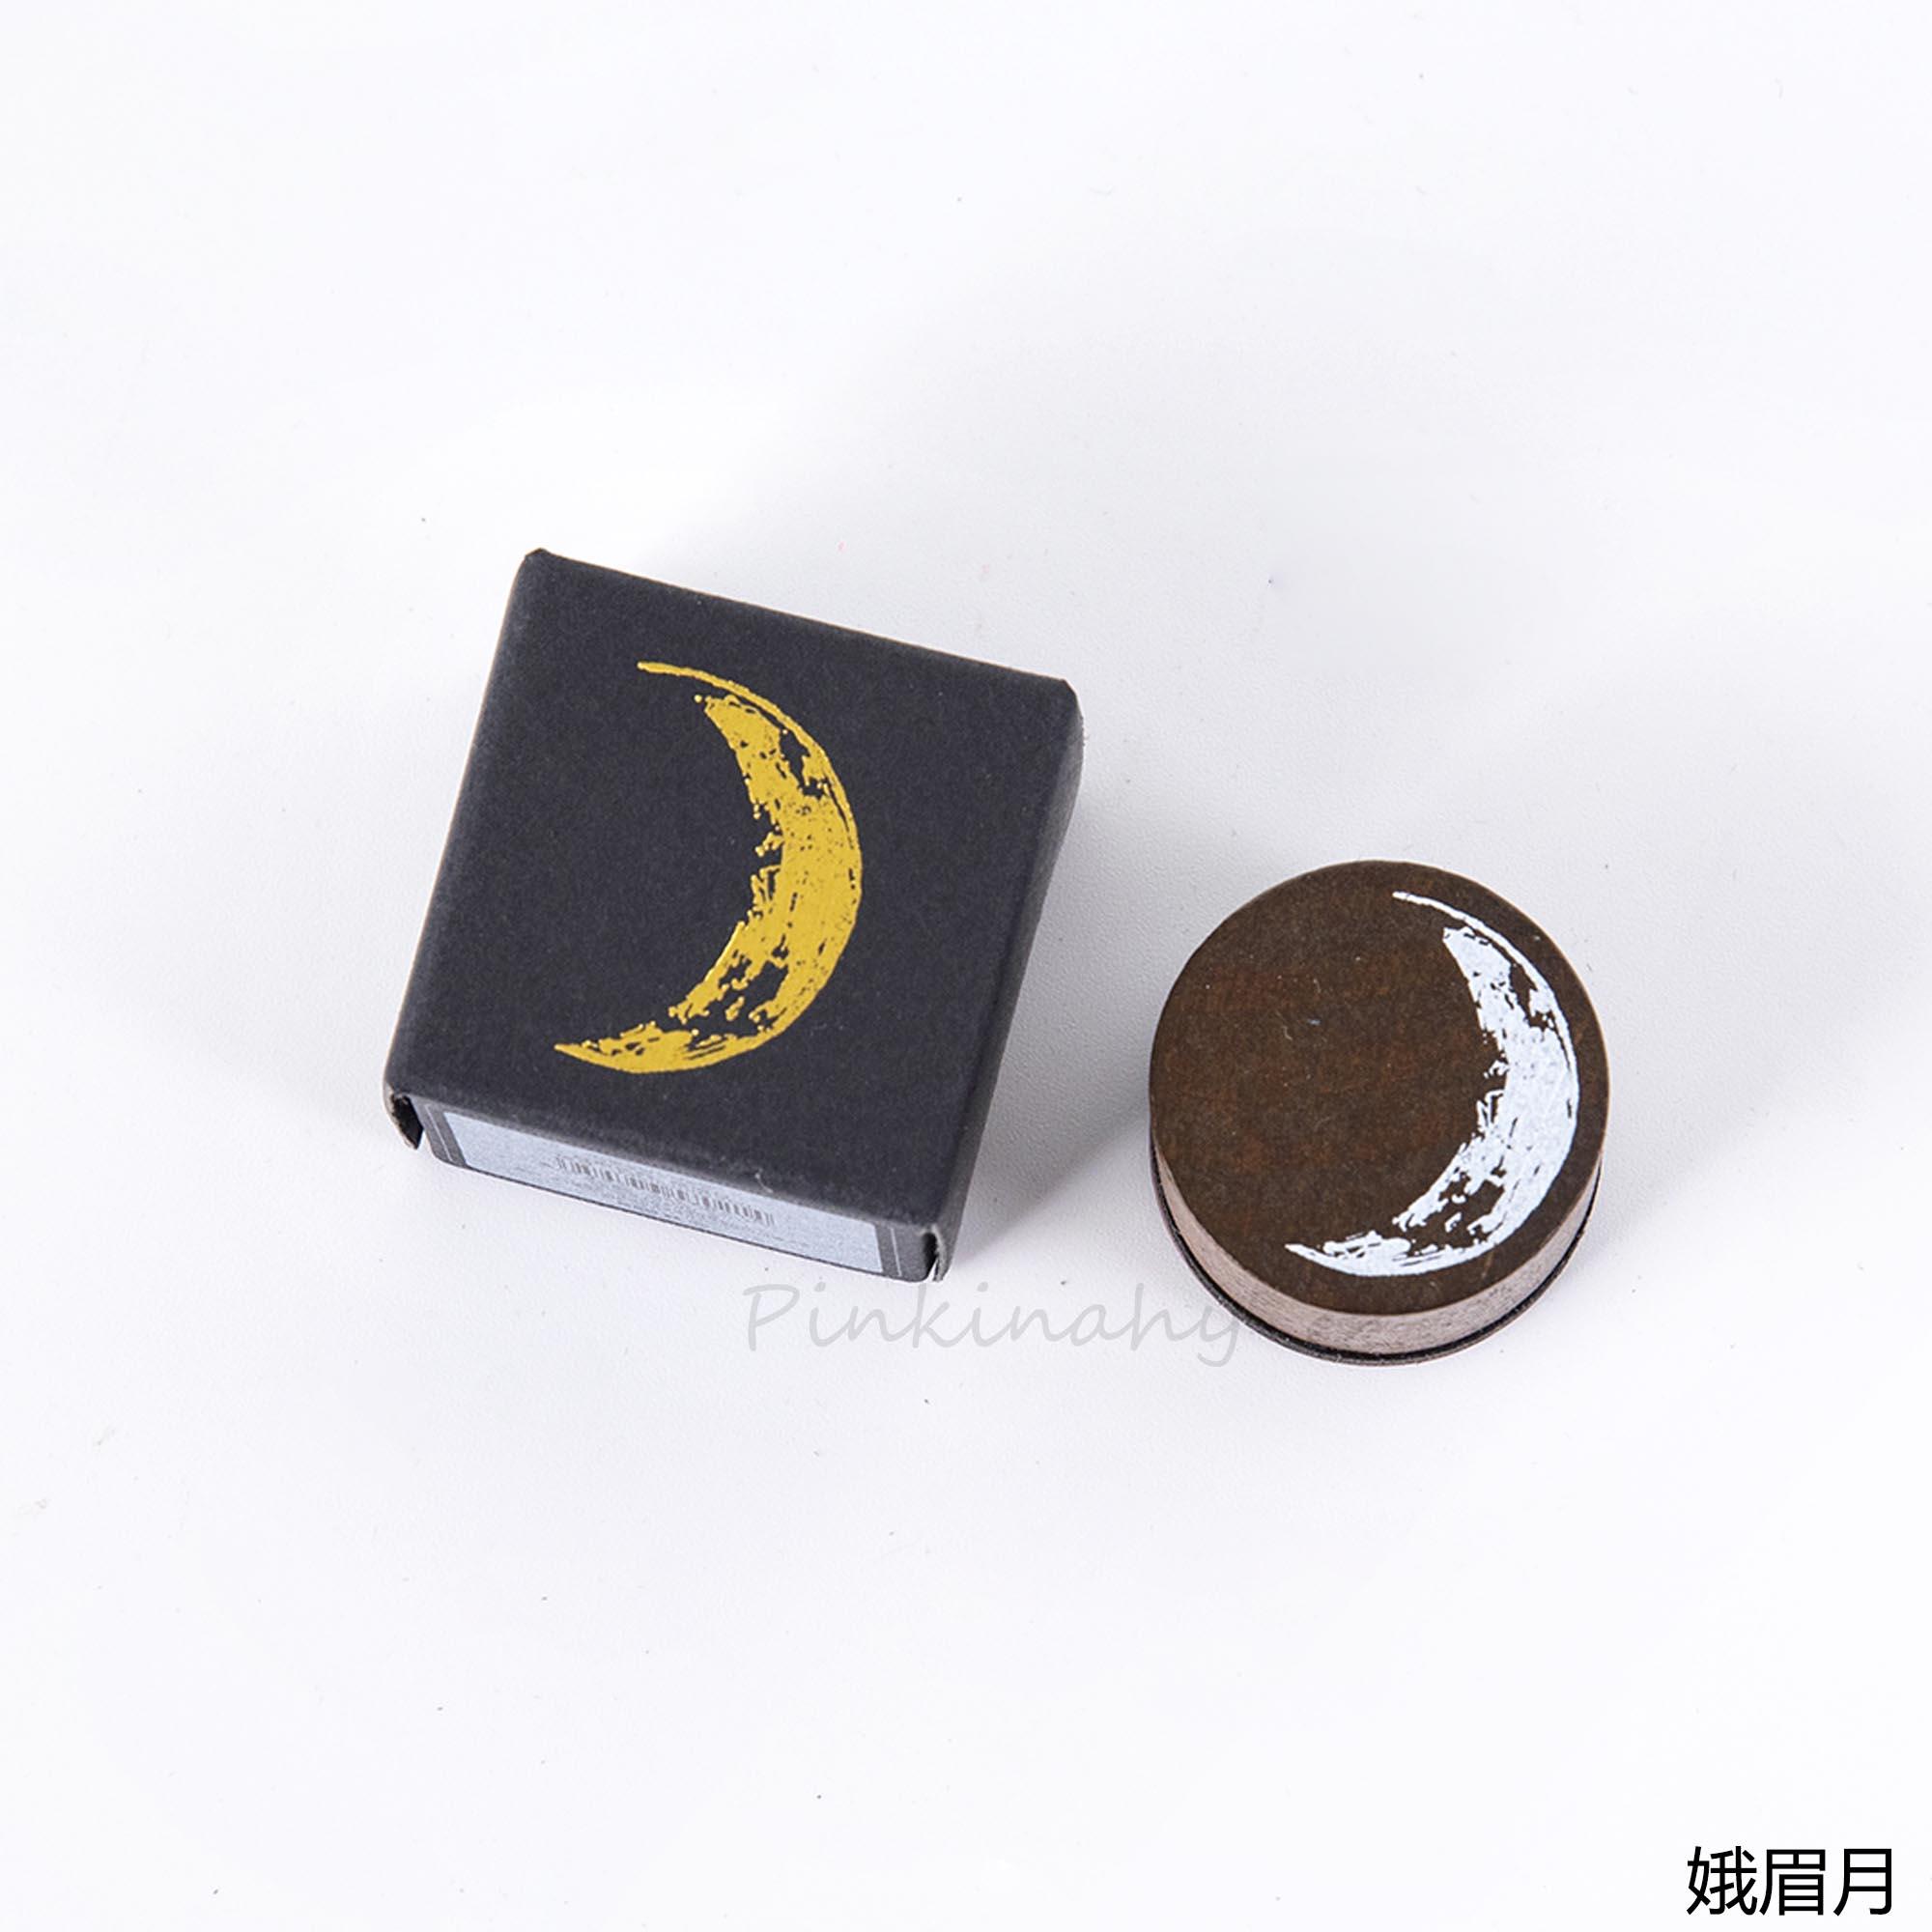 Винтажная фаза Луны деревянная печать планировщик деревянная резиновая печать набор для DIY Скрапбукинг Украшение для открыток тиснение ремесло - Цвет: 2